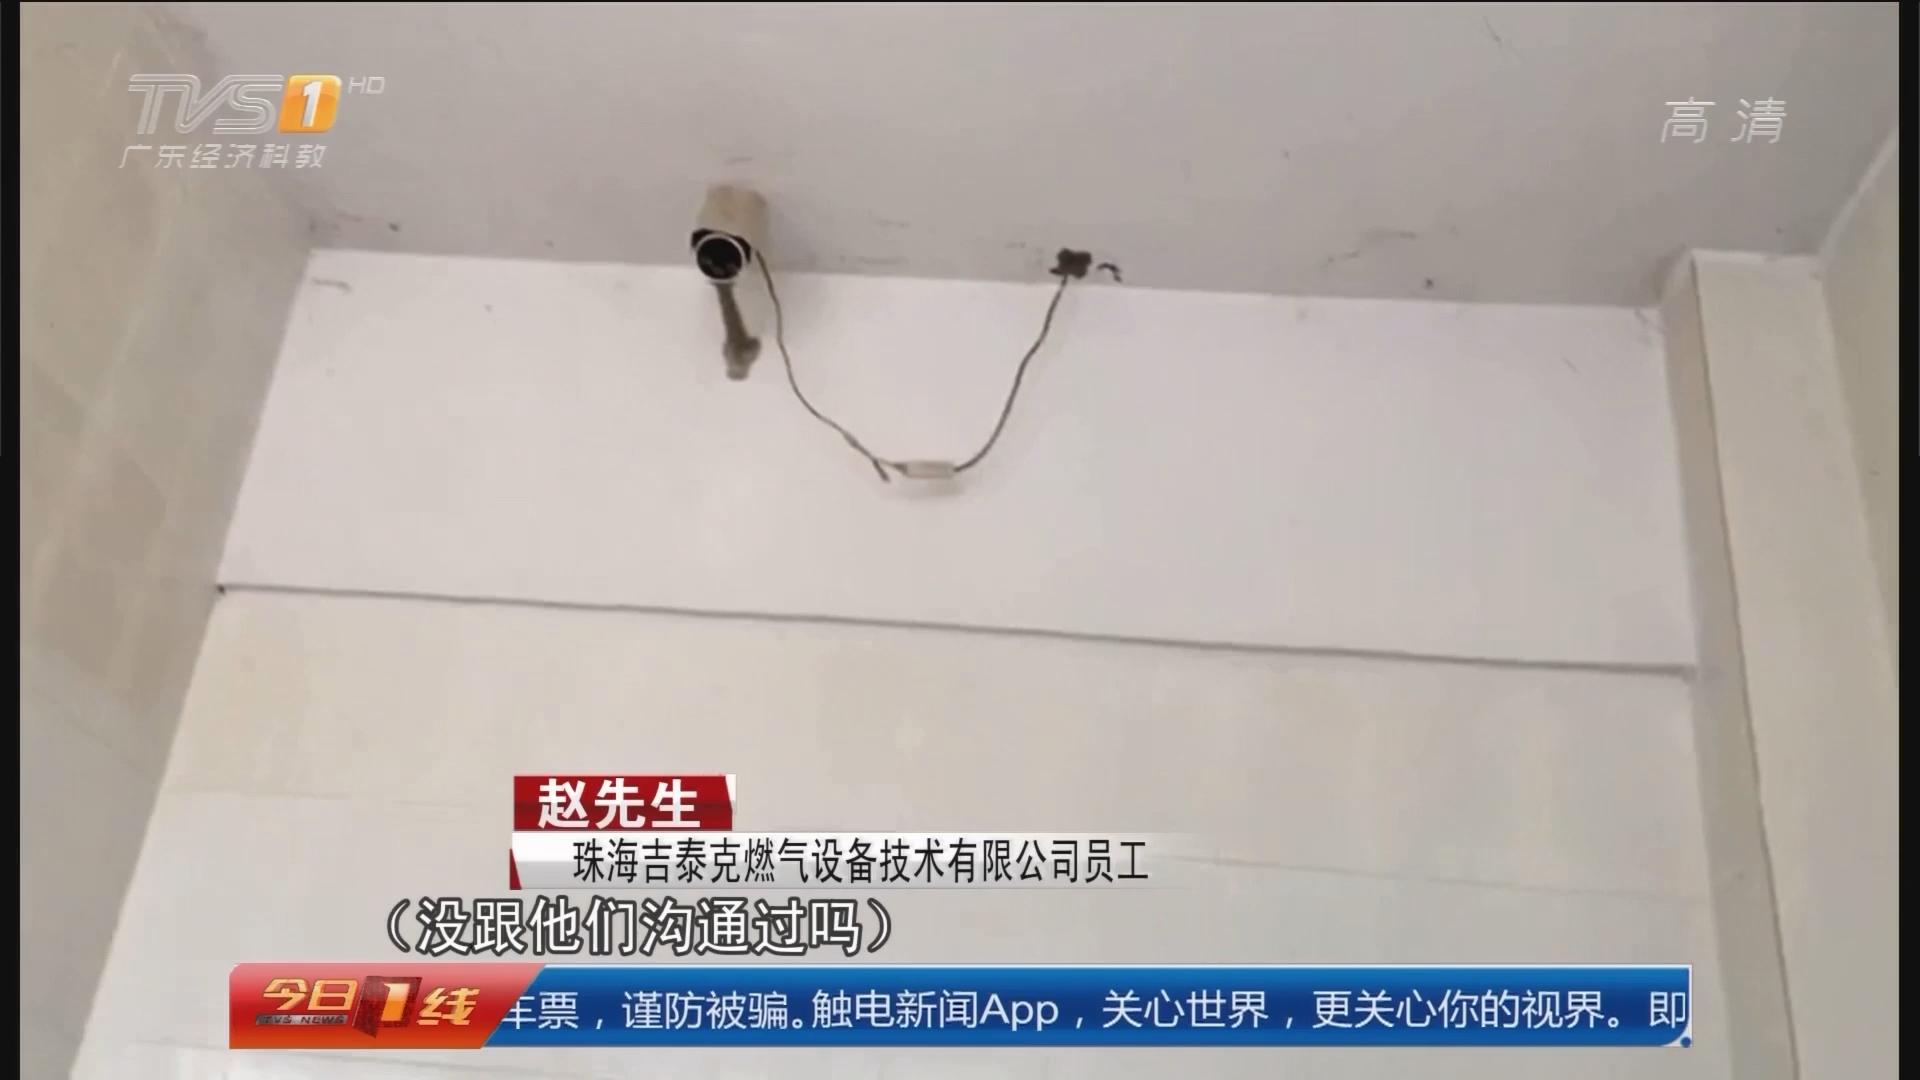 珠海:奇葩!工厂摄像头能拍厕所内部